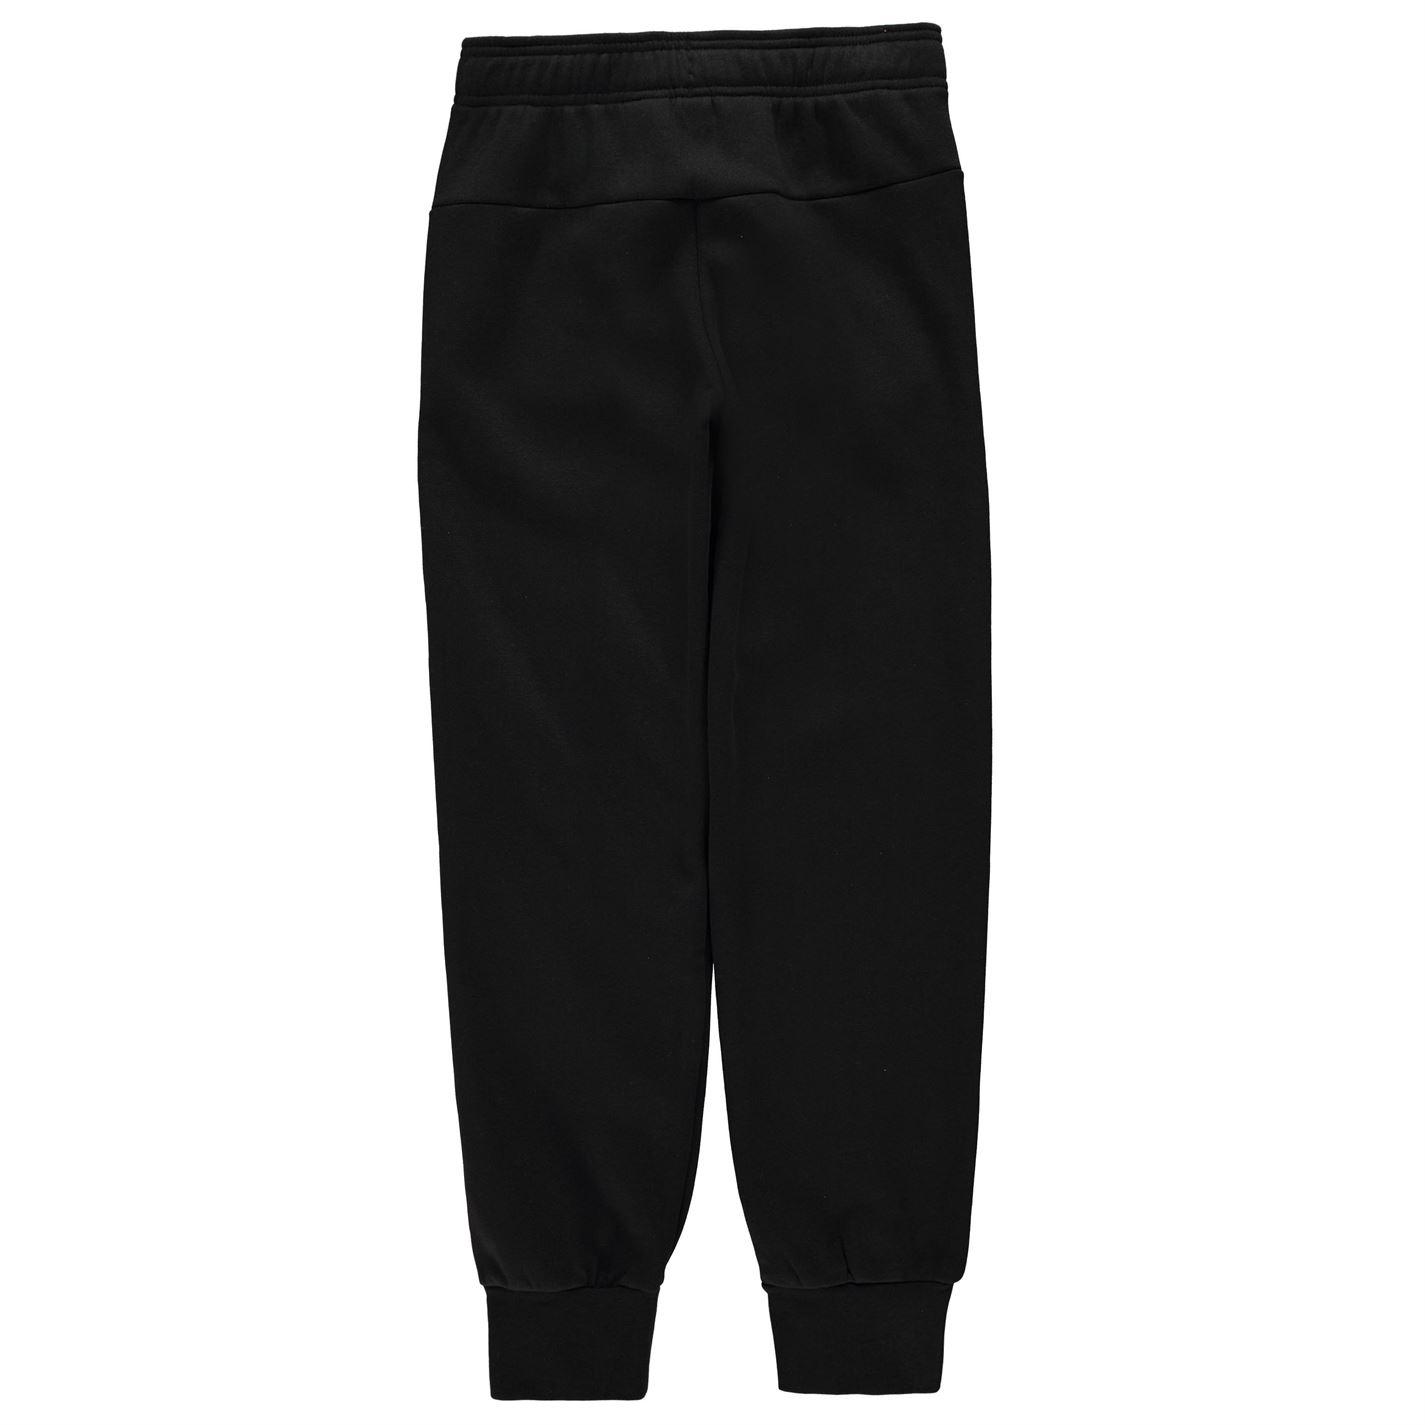 f7b4a5109c8b adidas Kids Girls Linear Jogging Pants Junior Fleece Bottoms ...